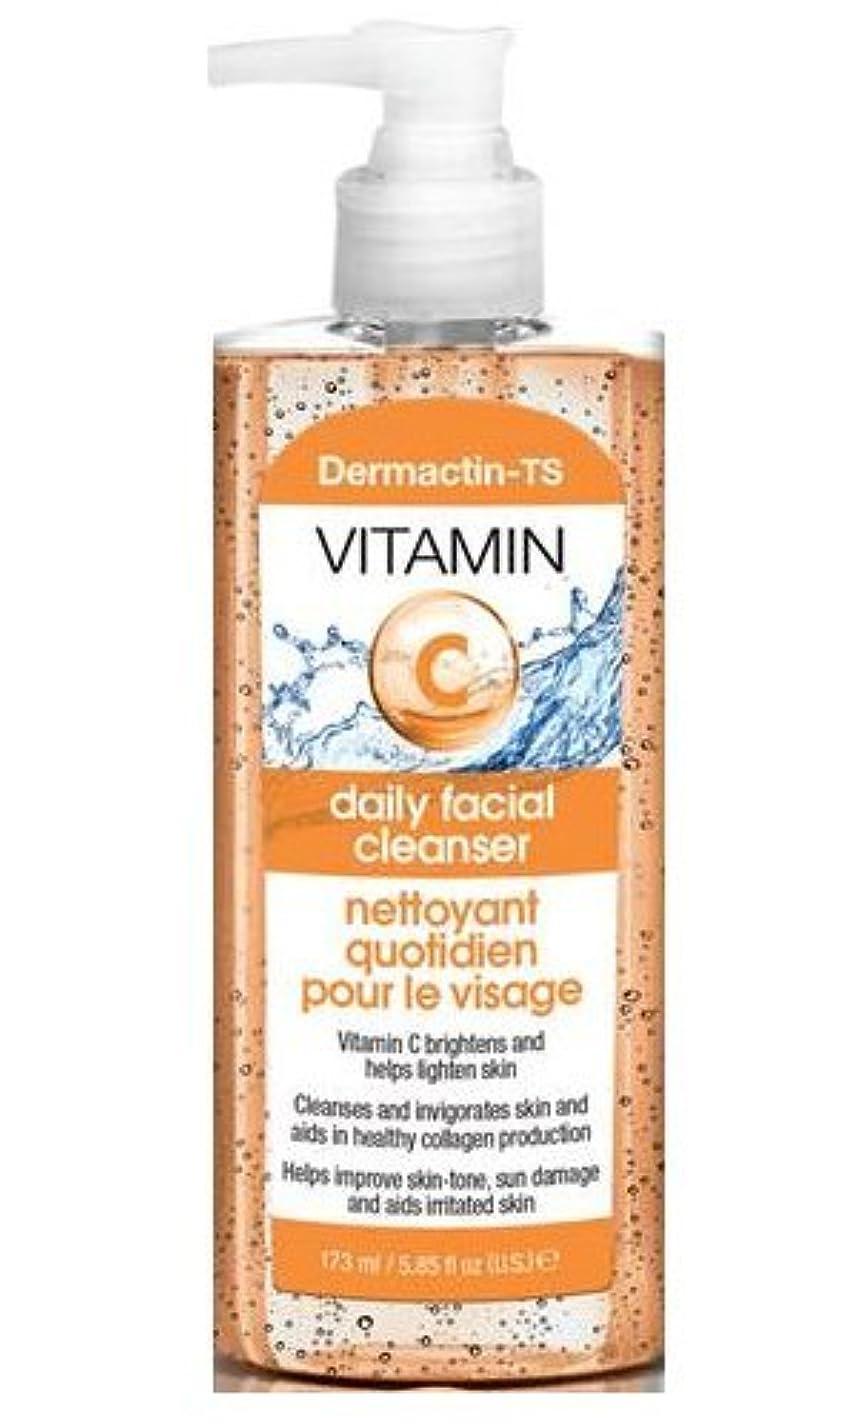 フェンスタウポ湖目指すDermactin-TS ビタミンCフェイシャルクレンザー165g (2パック) (並行輸入品)